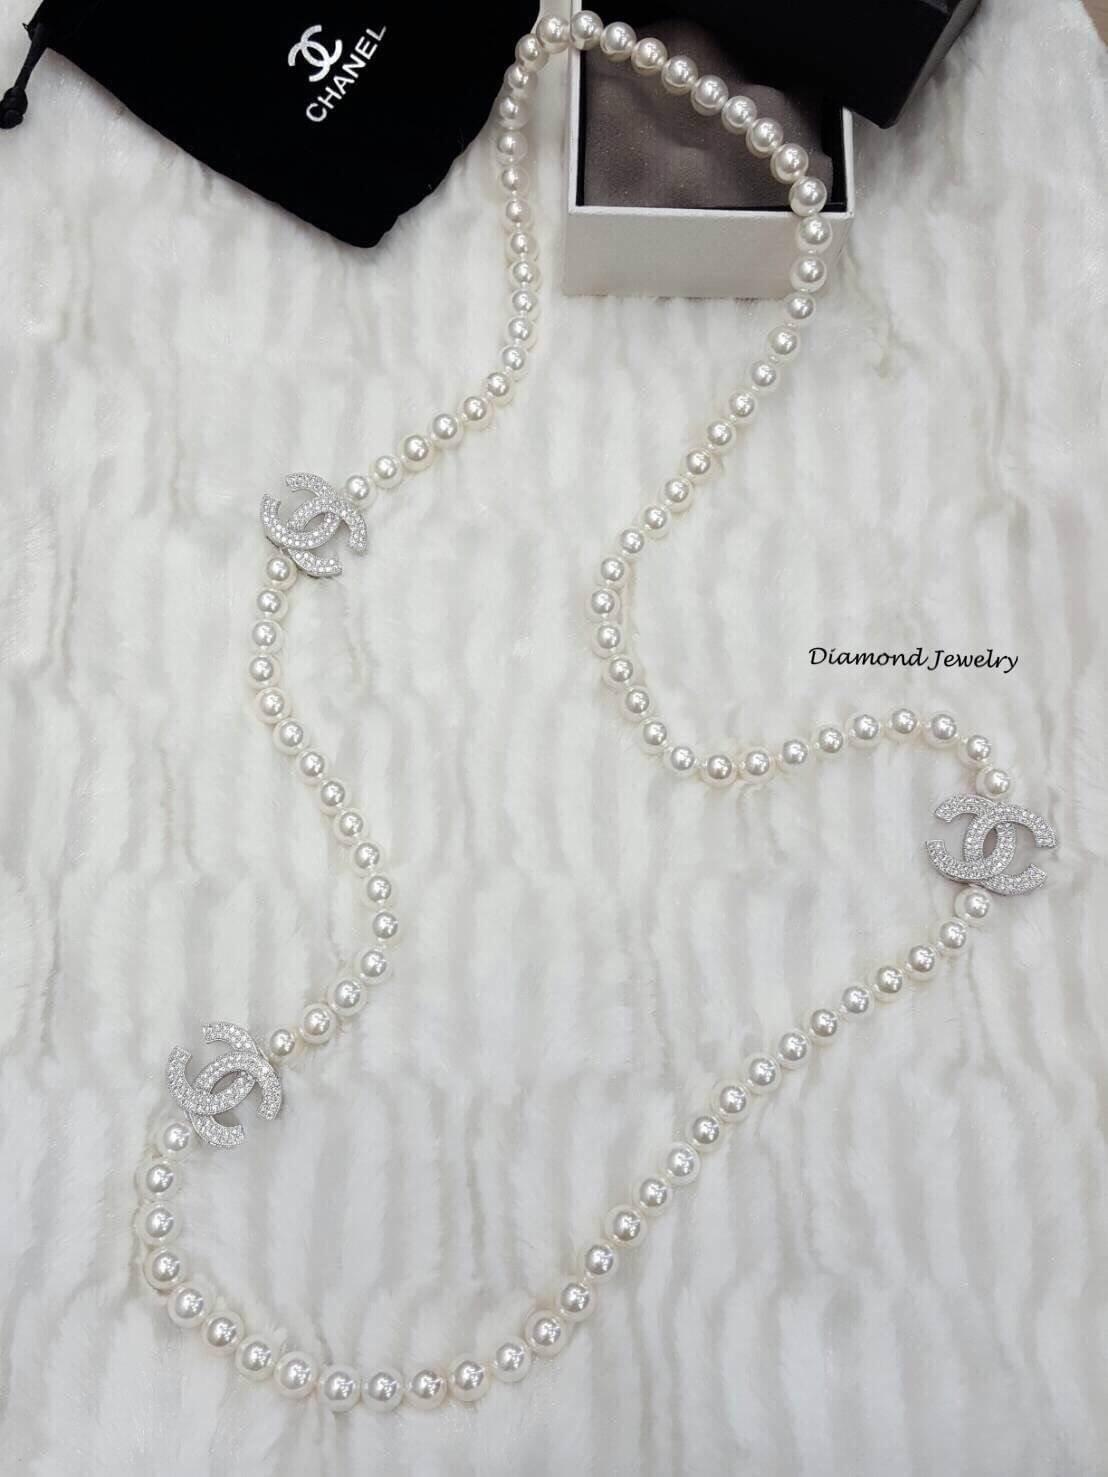 พร้อมส่ง Chanel Pearl Necklace รุ่นนี้เป็นงานมุกญี่ปุ่นเกรดดีมาก